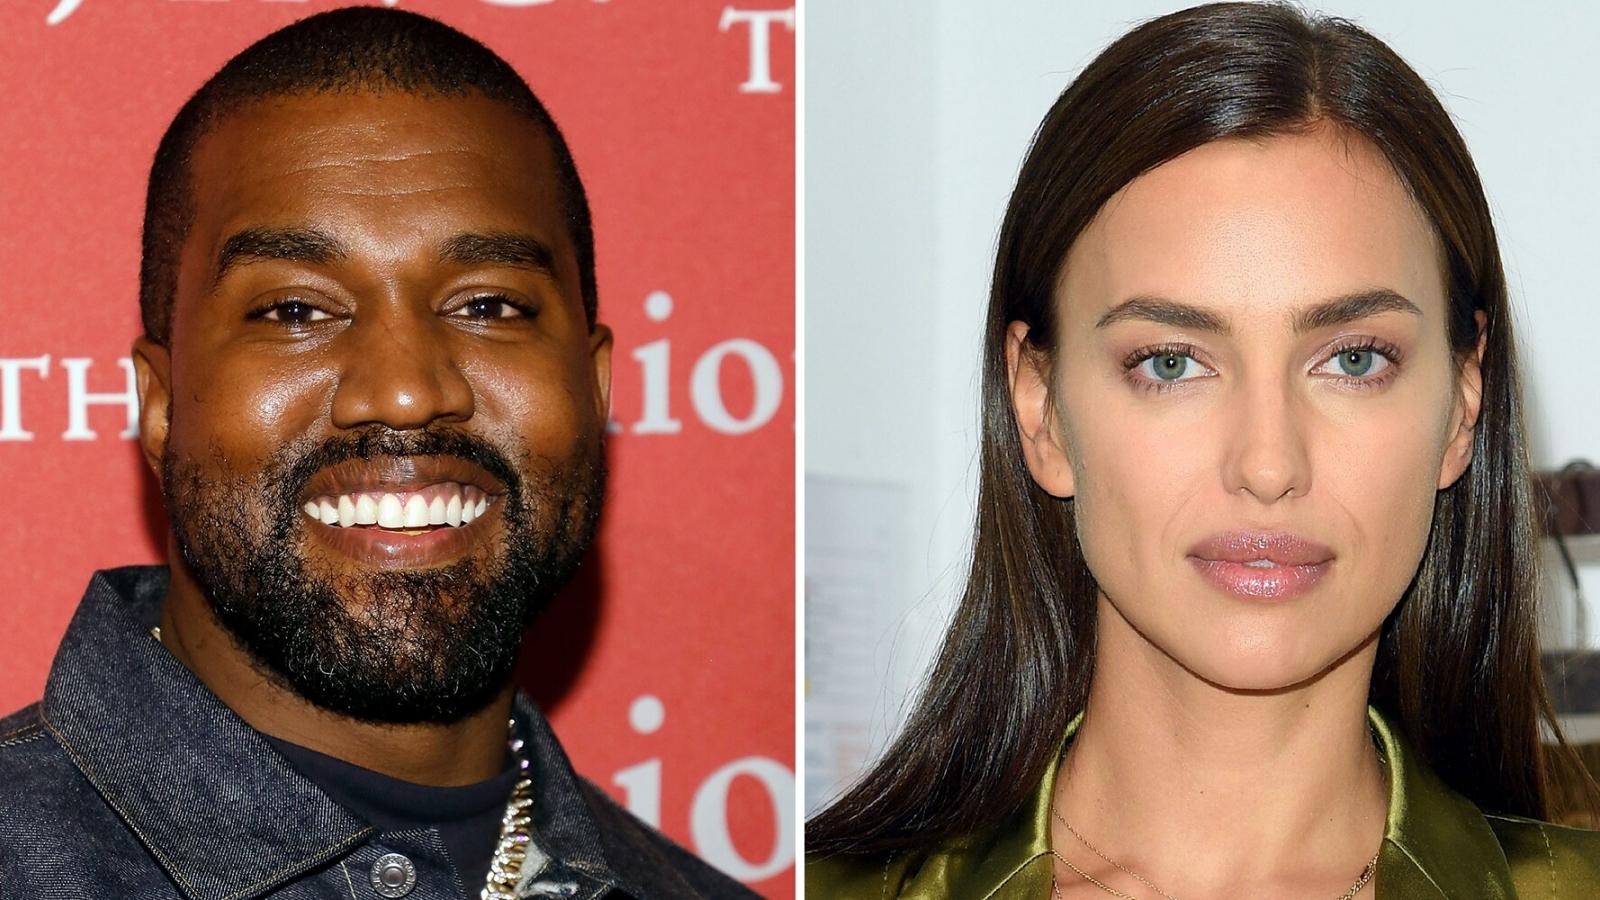 Siêu mẫu Irina Shayk thẳng thắn phản hồi trước tin đồn hẹn hò Kanye West